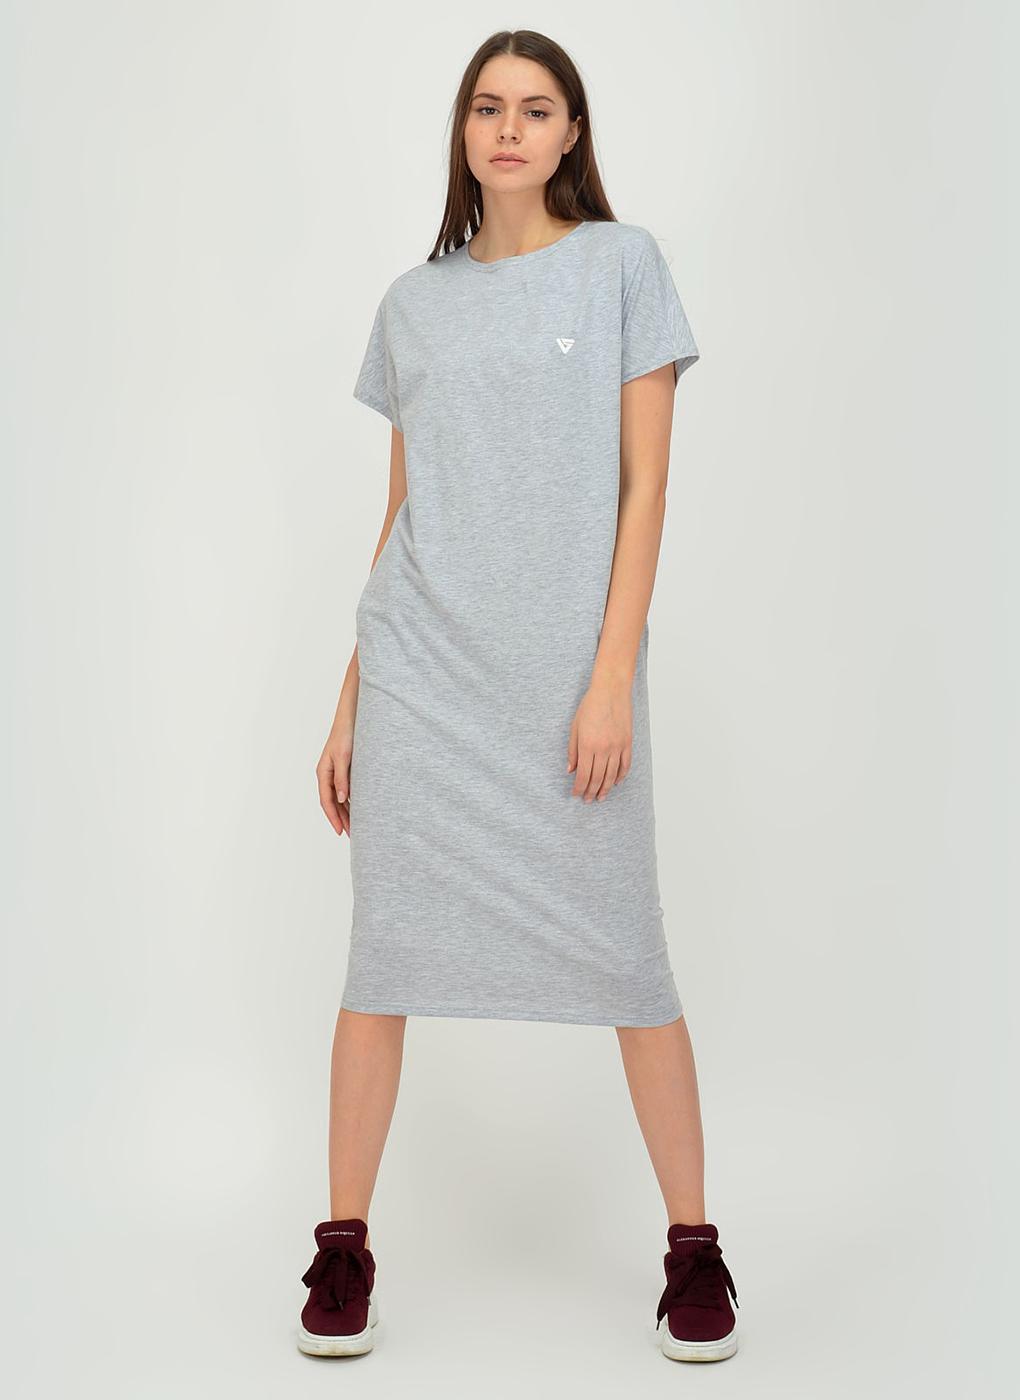 Платье 35, Viserdi фото